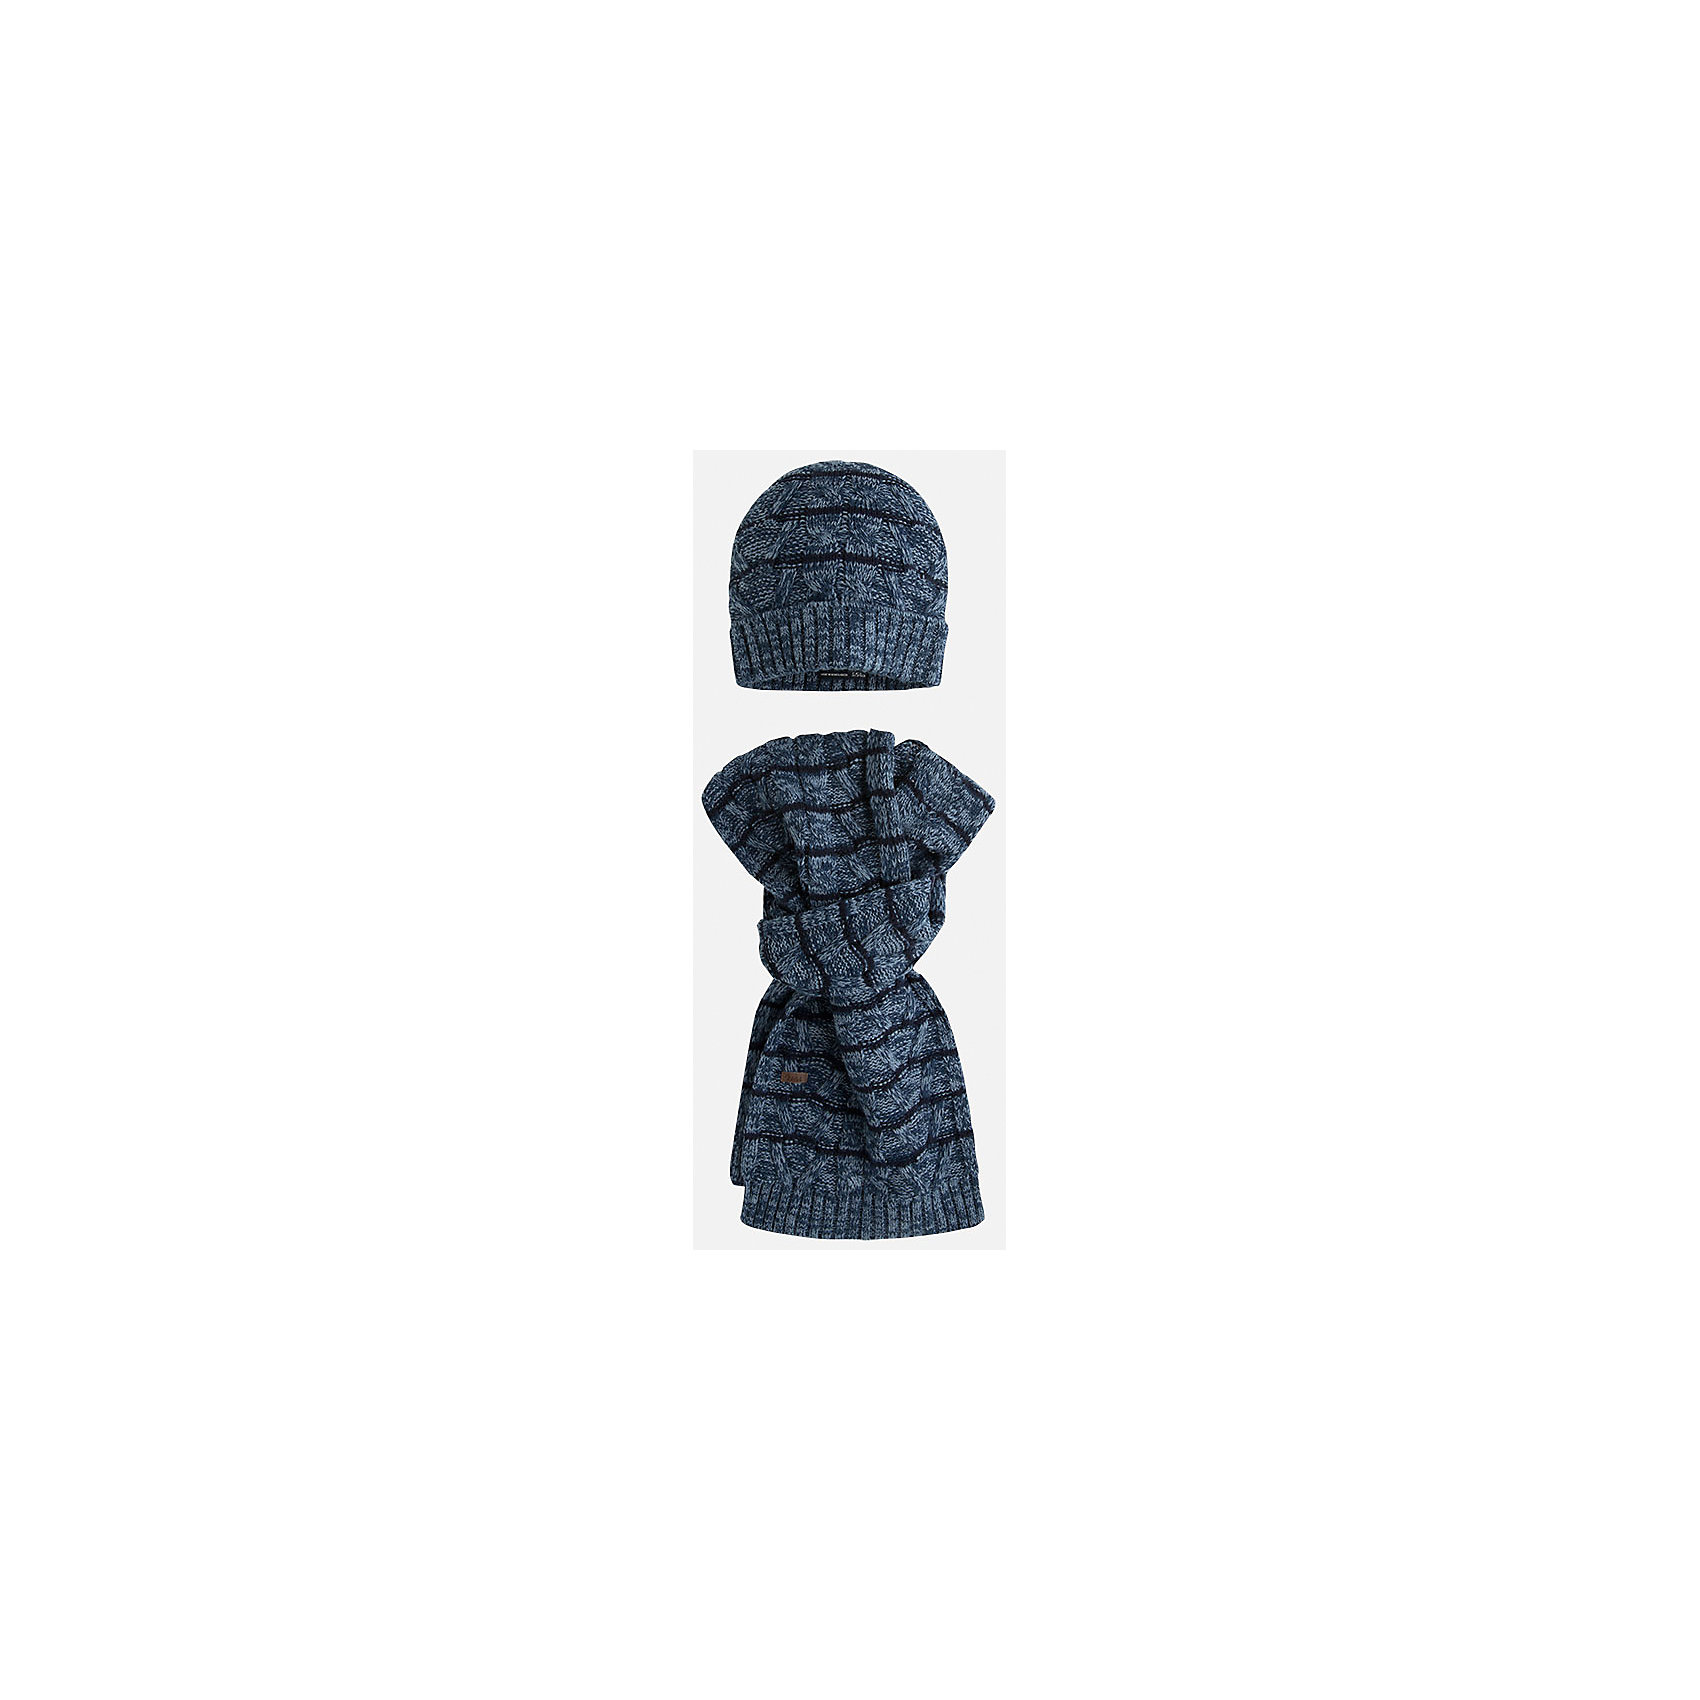 Комплект: шапка-шарф для мальчика MayoralКомплект из шапки и шарфа для мальчика от известного испанского бренда Mayoral изготовлен из эластичных мягких тканей. Приятный на вид дизайн комплекта в полоску всегда остается в моде!<br>Дополнительная информация:<br>-цвет: синий/черный<br>--состав: 100% акрил<br>Комплект из шапки и шарфа Mayoral можно приобрести  в нашем интернет-магазине.<br><br>Ширина мм: 89<br>Глубина мм: 117<br>Высота мм: 44<br>Вес г: 155<br>Цвет: синий<br>Возраст от месяцев: 72<br>Возраст до месяцев: 96<br>Пол: Мужской<br>Возраст: Детский<br>Размер: 56,54,52<br>SKU: 4820299